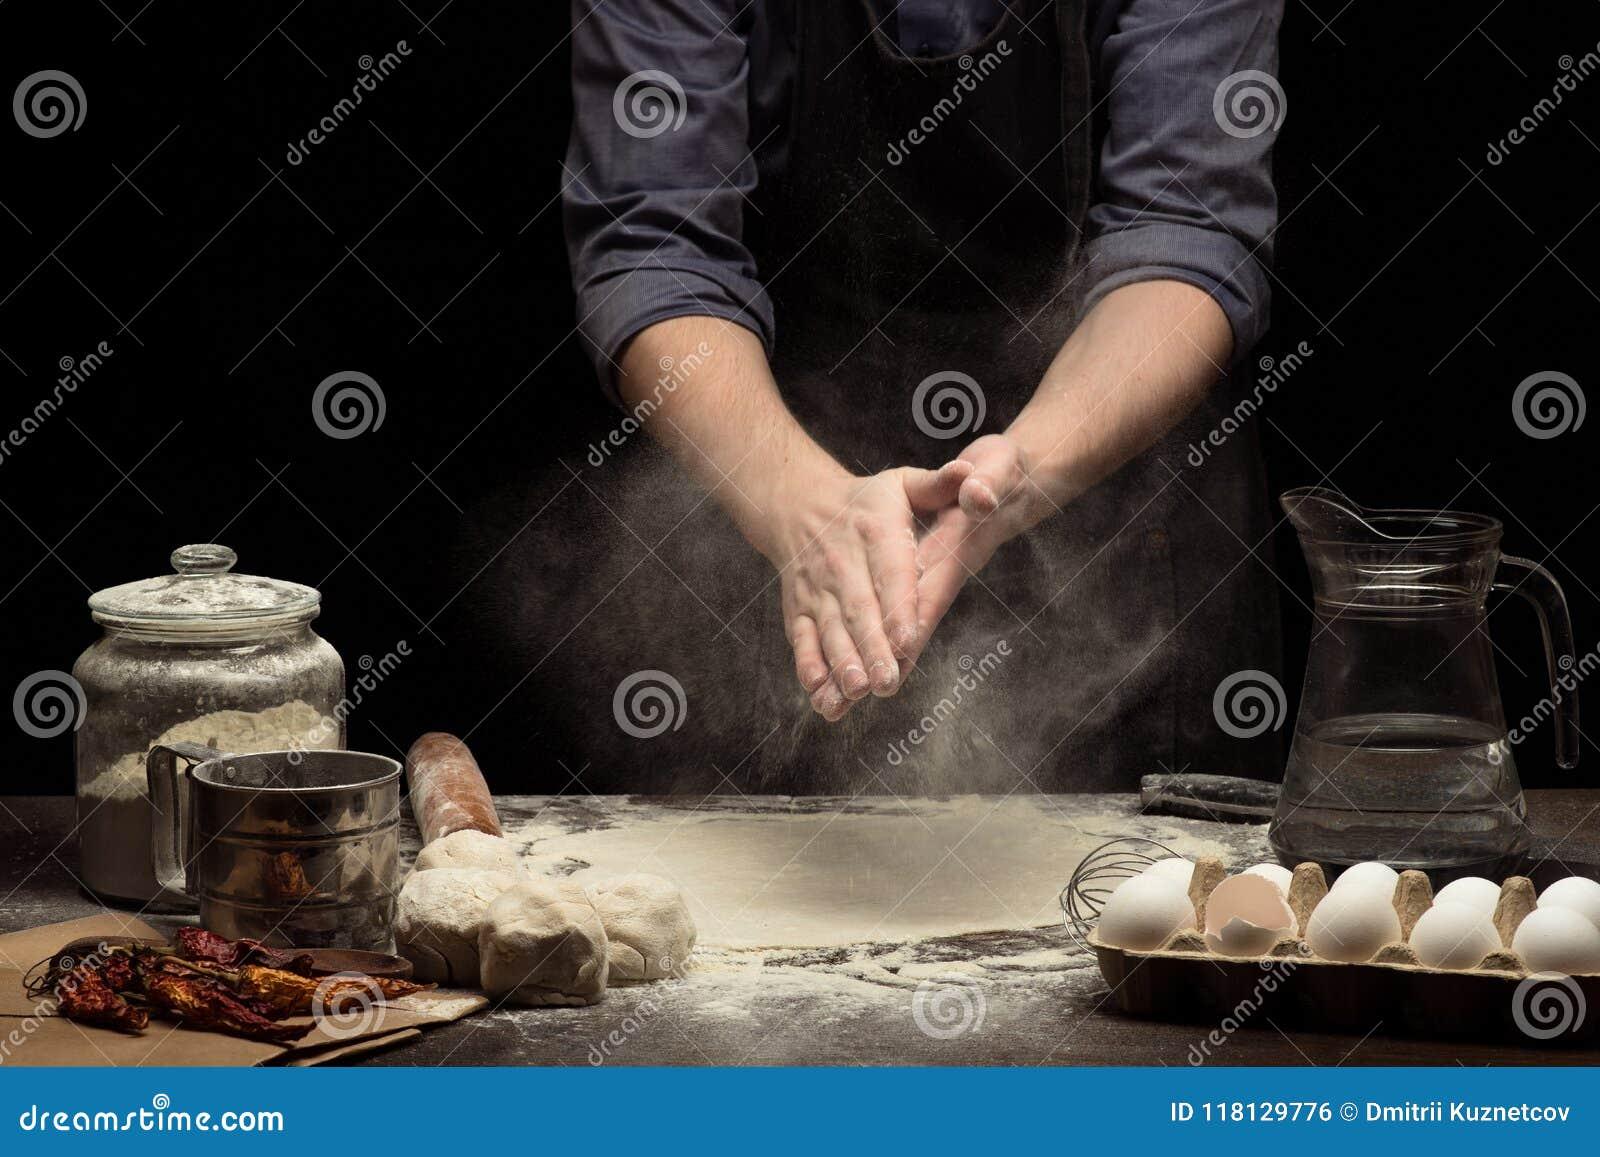 Las manos del cocinero están funcionando con la harina de trigo para hacer una pasta